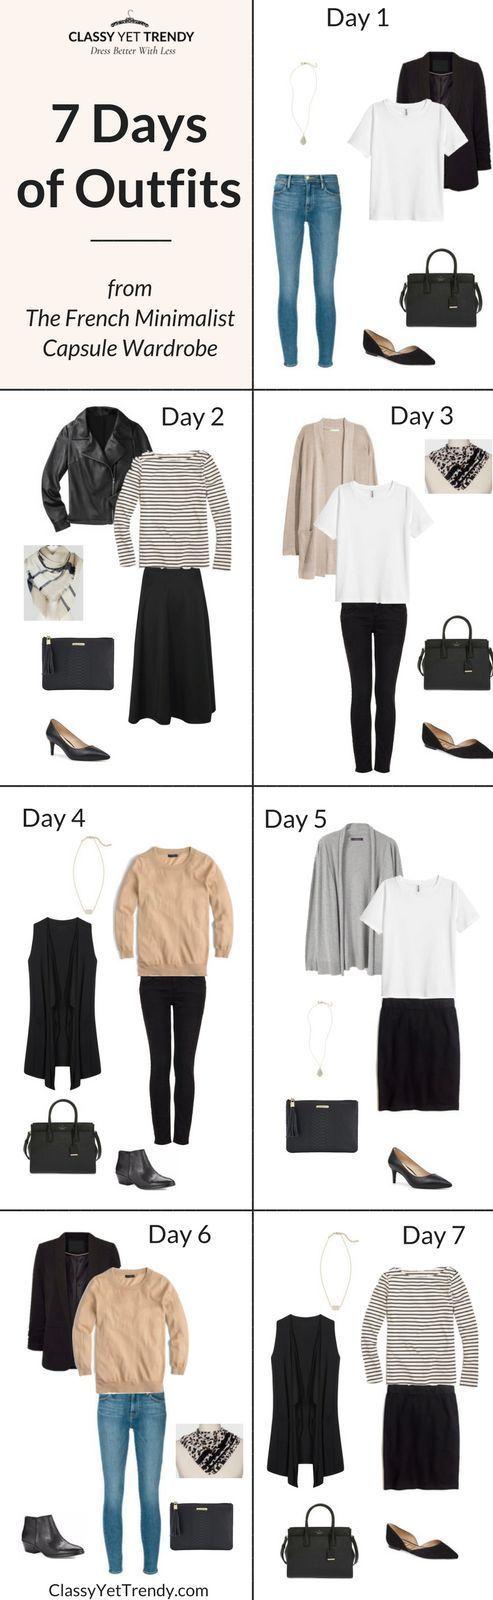 Wenn es darum geht, sich jeden Tag gut anzuziehen, ist es nicht so, wie viele Kleider Sie haben